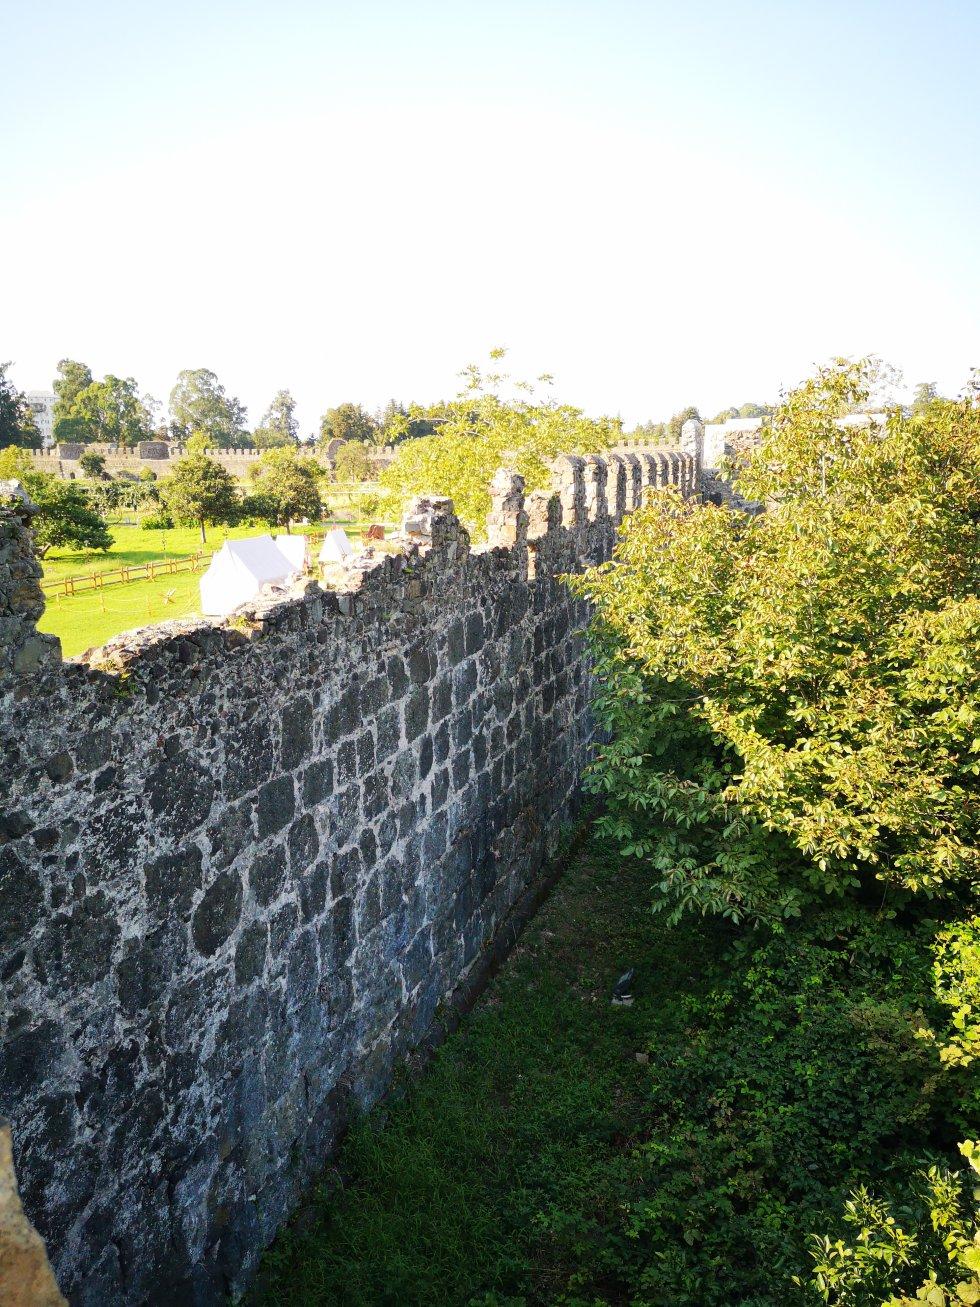 Fortaleza de Gonio (Apsaros en griego). Se trata de una fortificación romana del siglo I junto al río Çoruh a tan solo 4 kilómetros de Turquía.